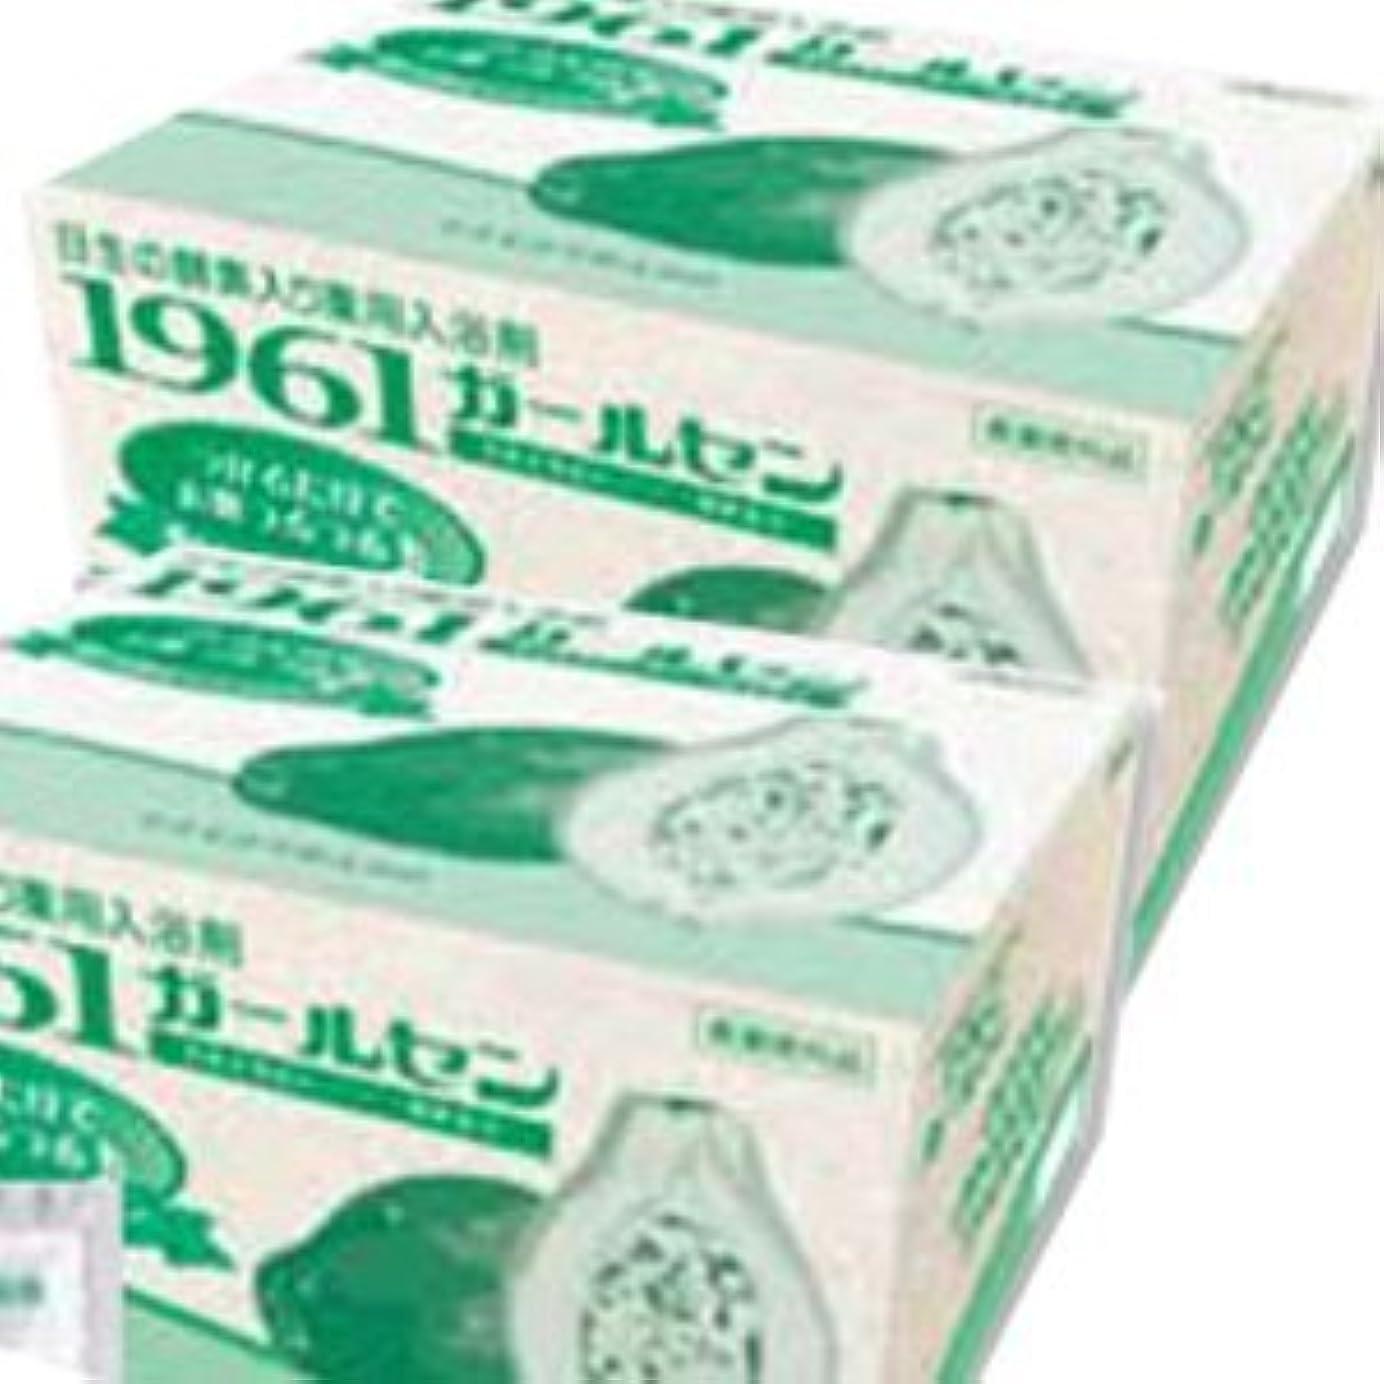 蒸発タイトルフロント日本生化学 薬用入浴剤 1961ガールセン (20g×60包)×2箱 (医薬部外品)